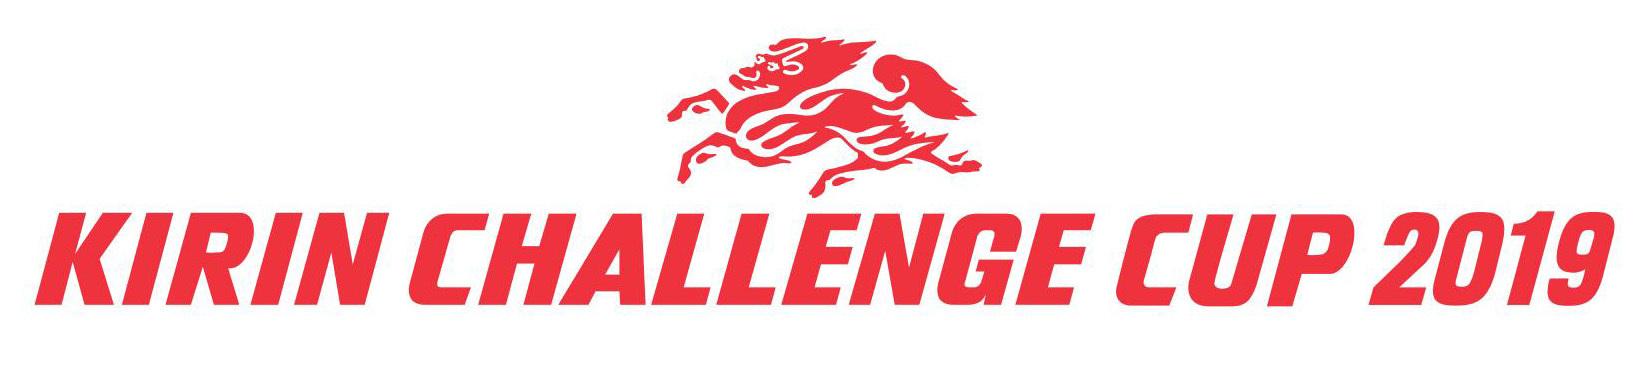 『キリンチャレンジカップ2019』は6月5日(水)、9日(日)開催